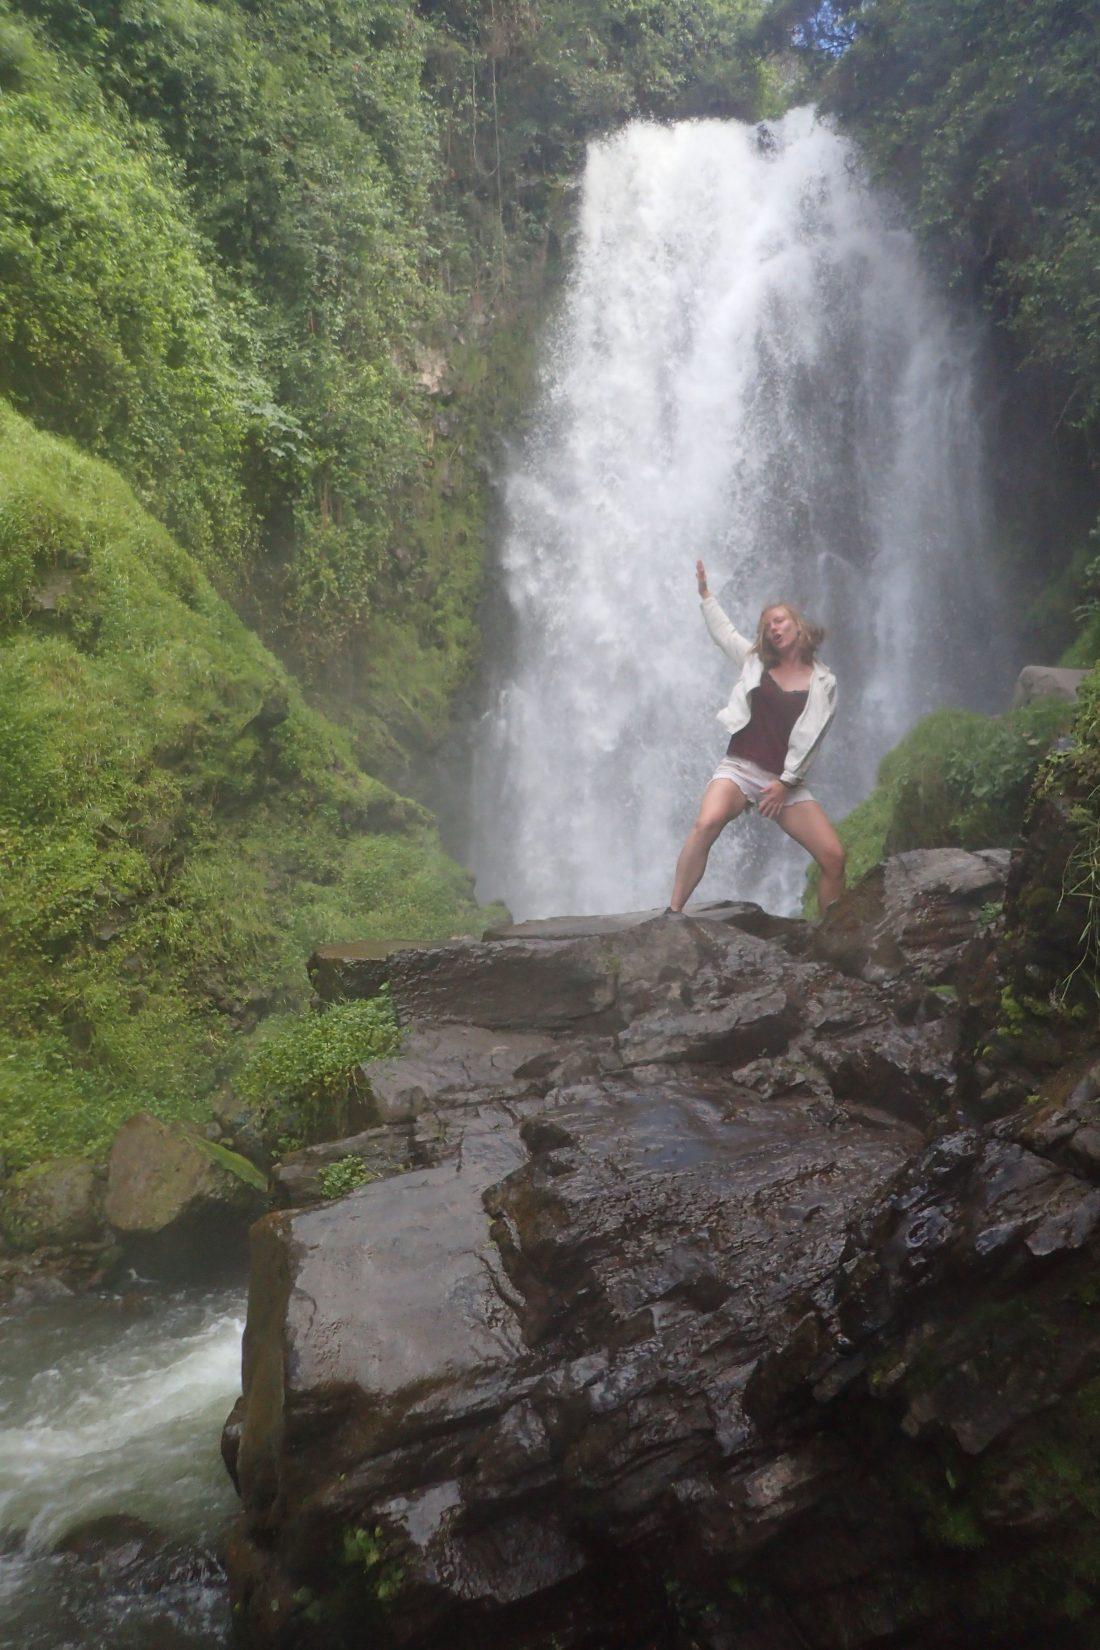 Douchen in een waterval is nog steeds the best - Peguche waterval - Otovalo - wanderlotje